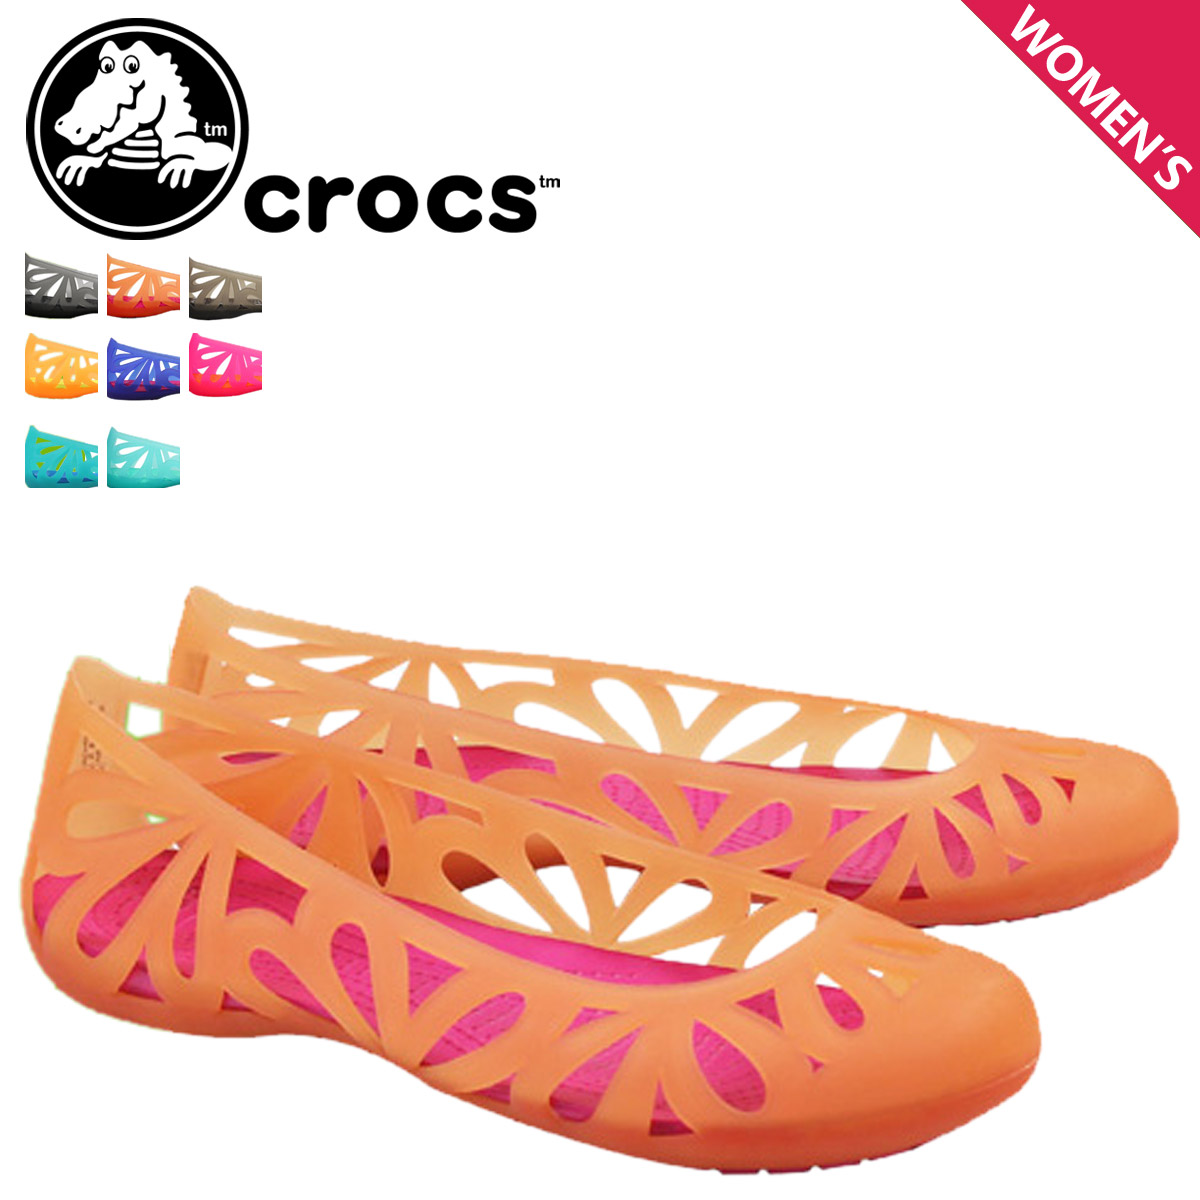 1aa8203699f Crocs Crocs Womens adrina 3 flat Sandals ADRINA 3 FLAT cross light pumps  flat shoes 14